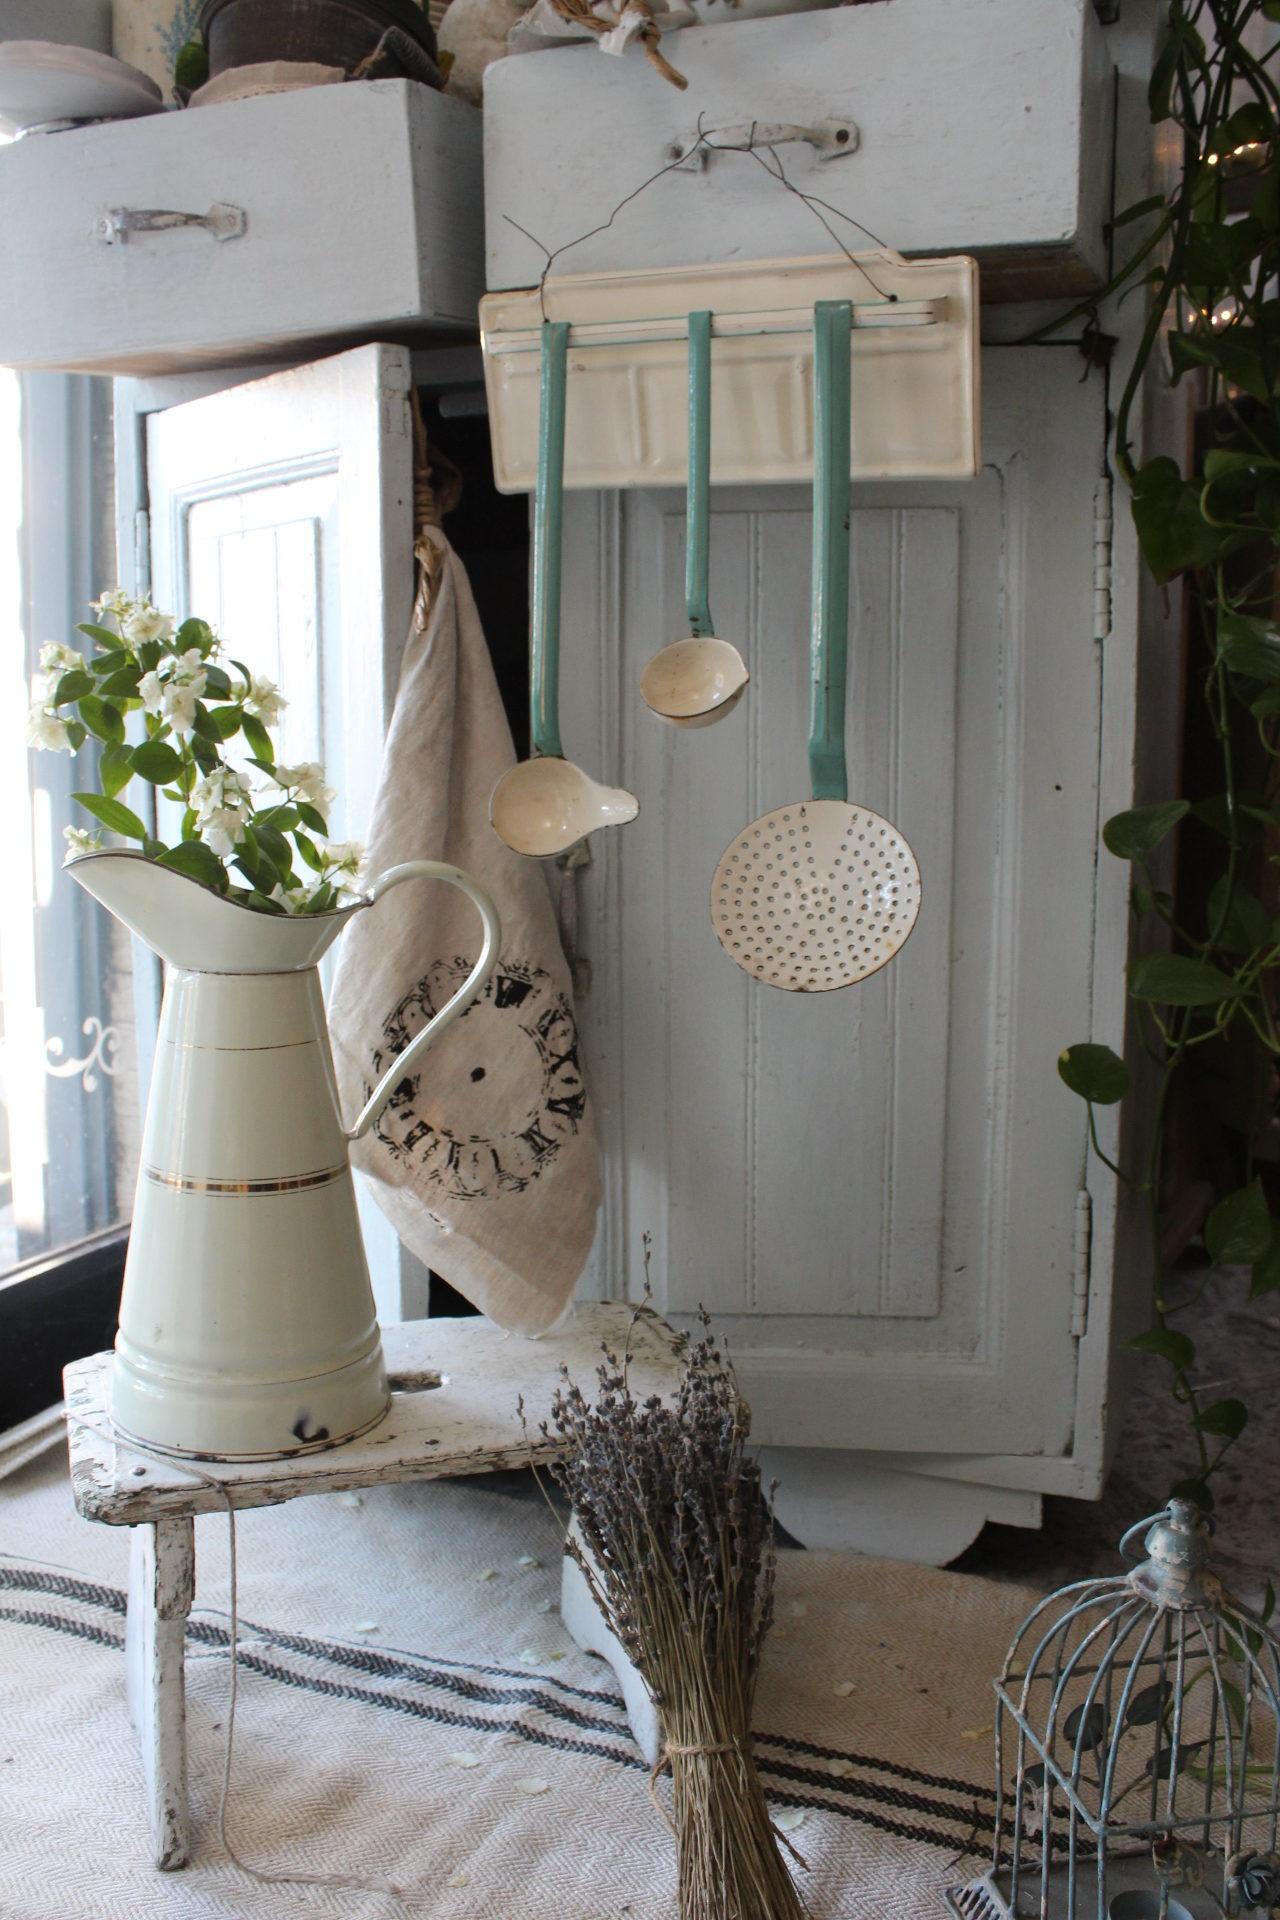 Maison des souvenir oggetti e complementi d'arredo vintage